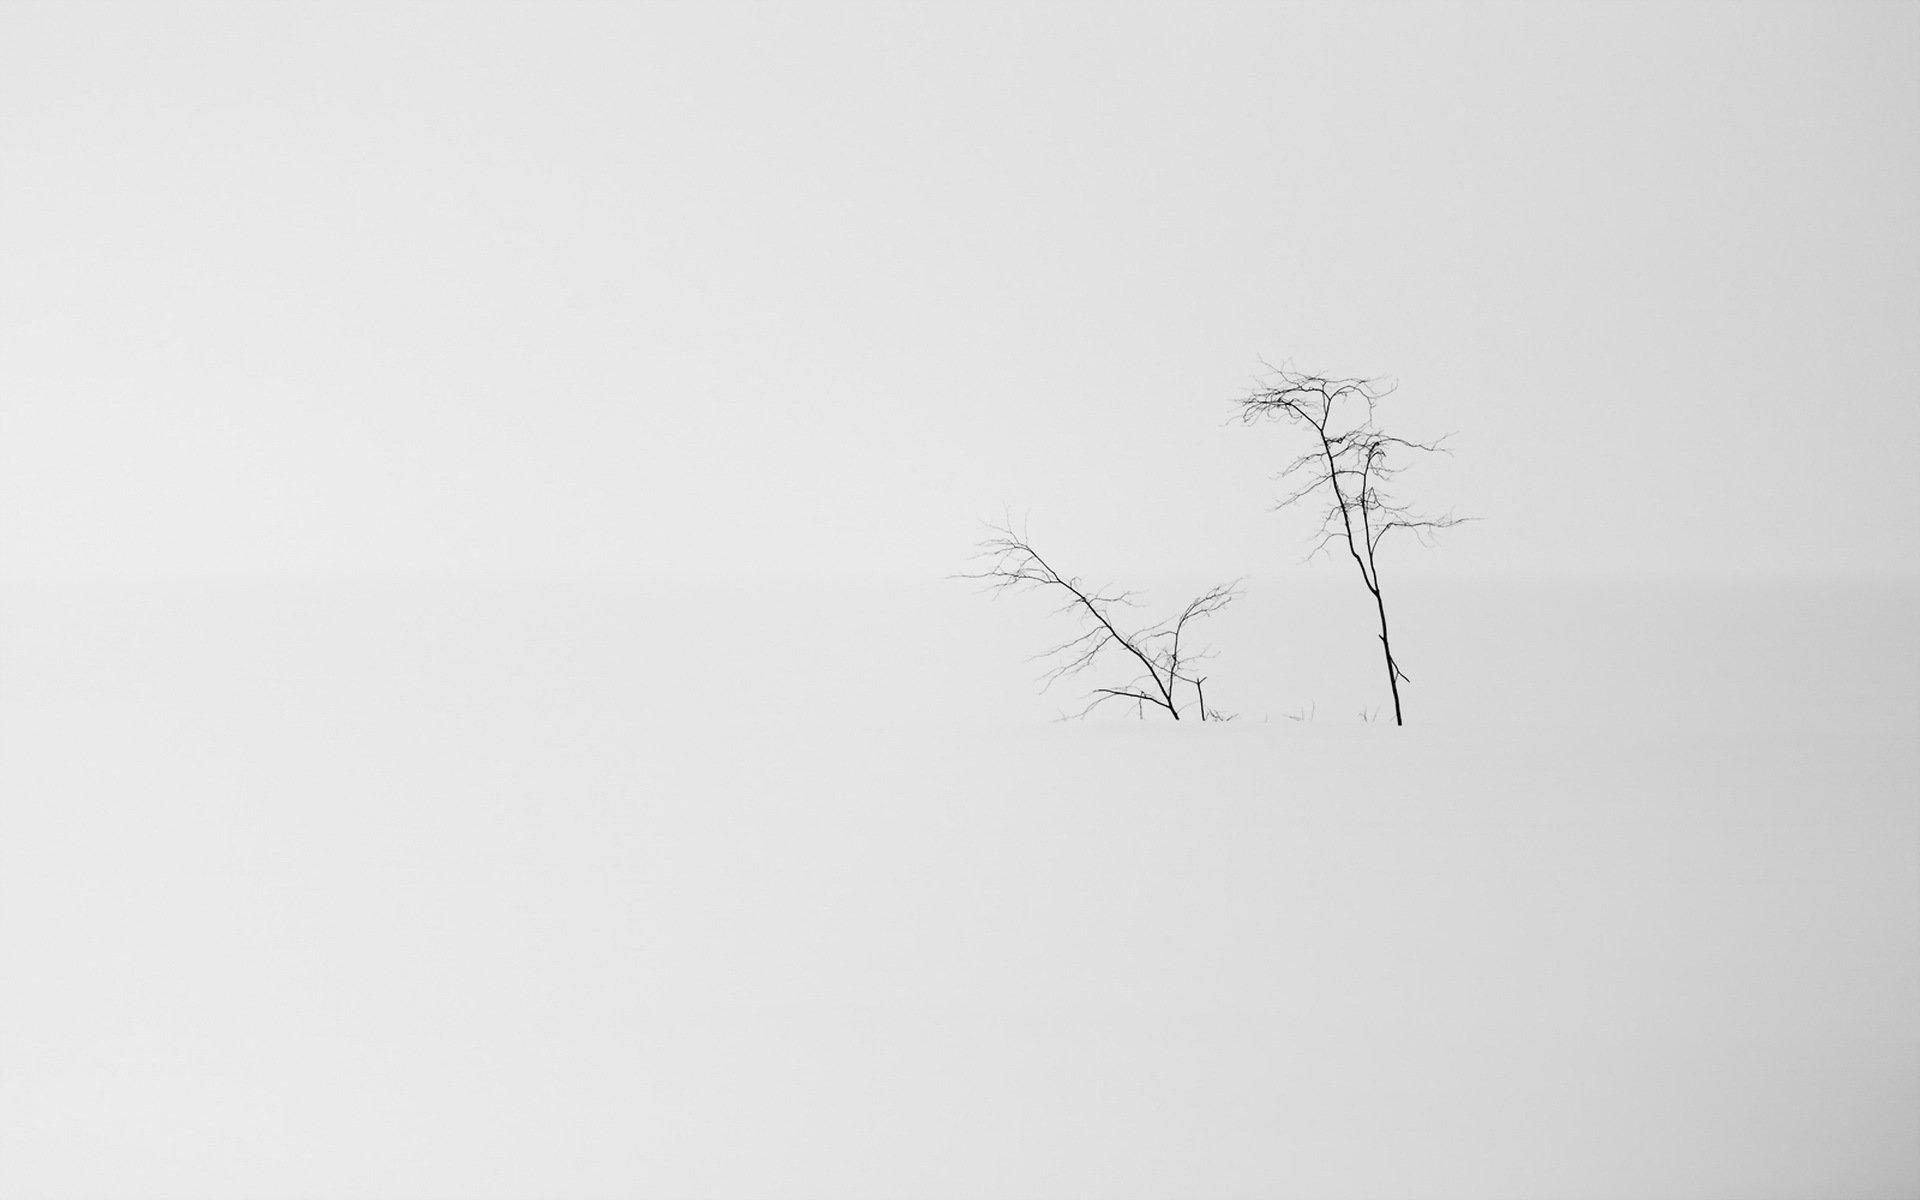 Черно белые картинки на фон минимализм